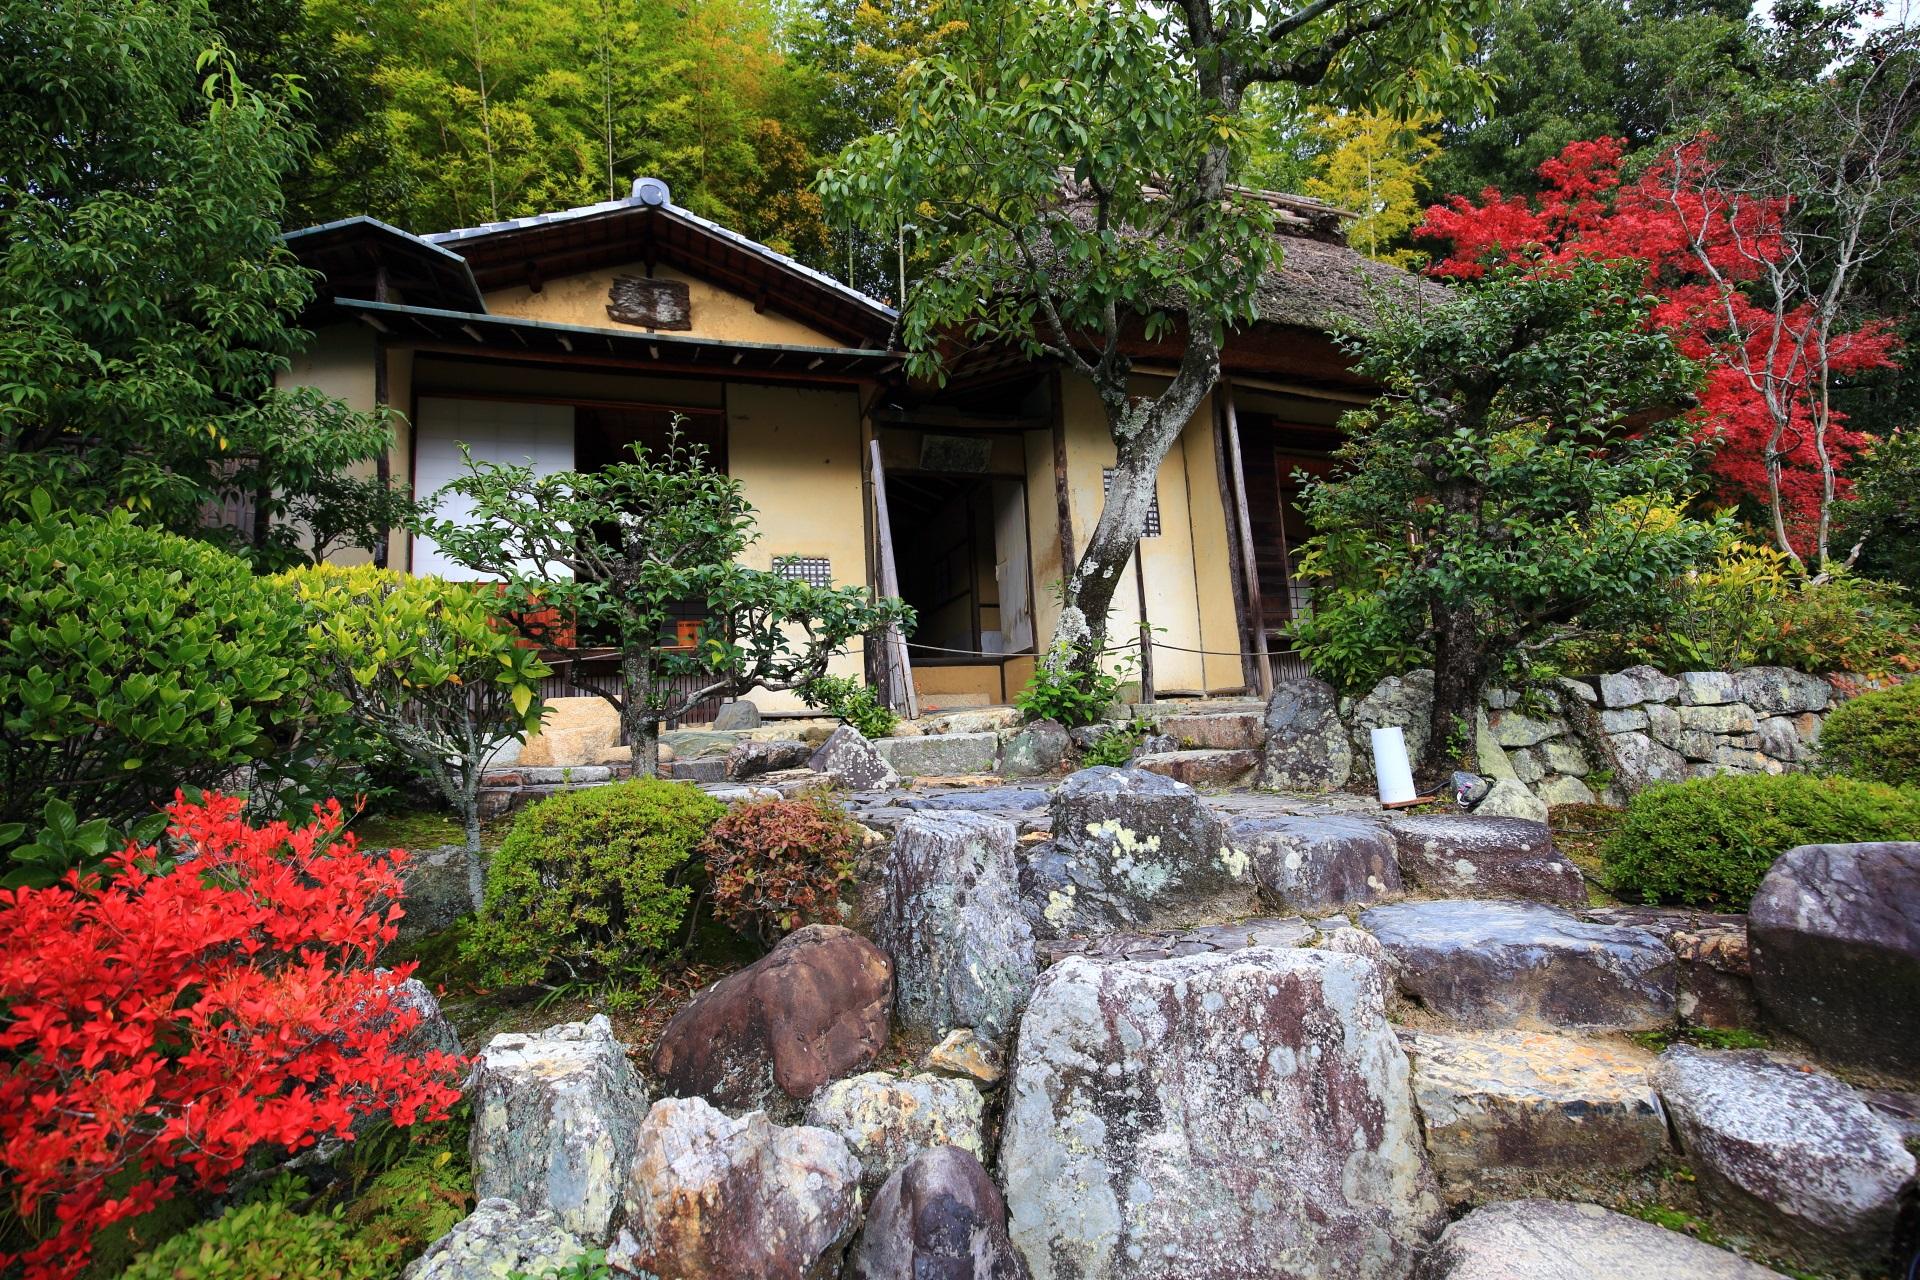 等持院の茶室「清漣亭(せいれんてい)」と鮮やかな紅葉